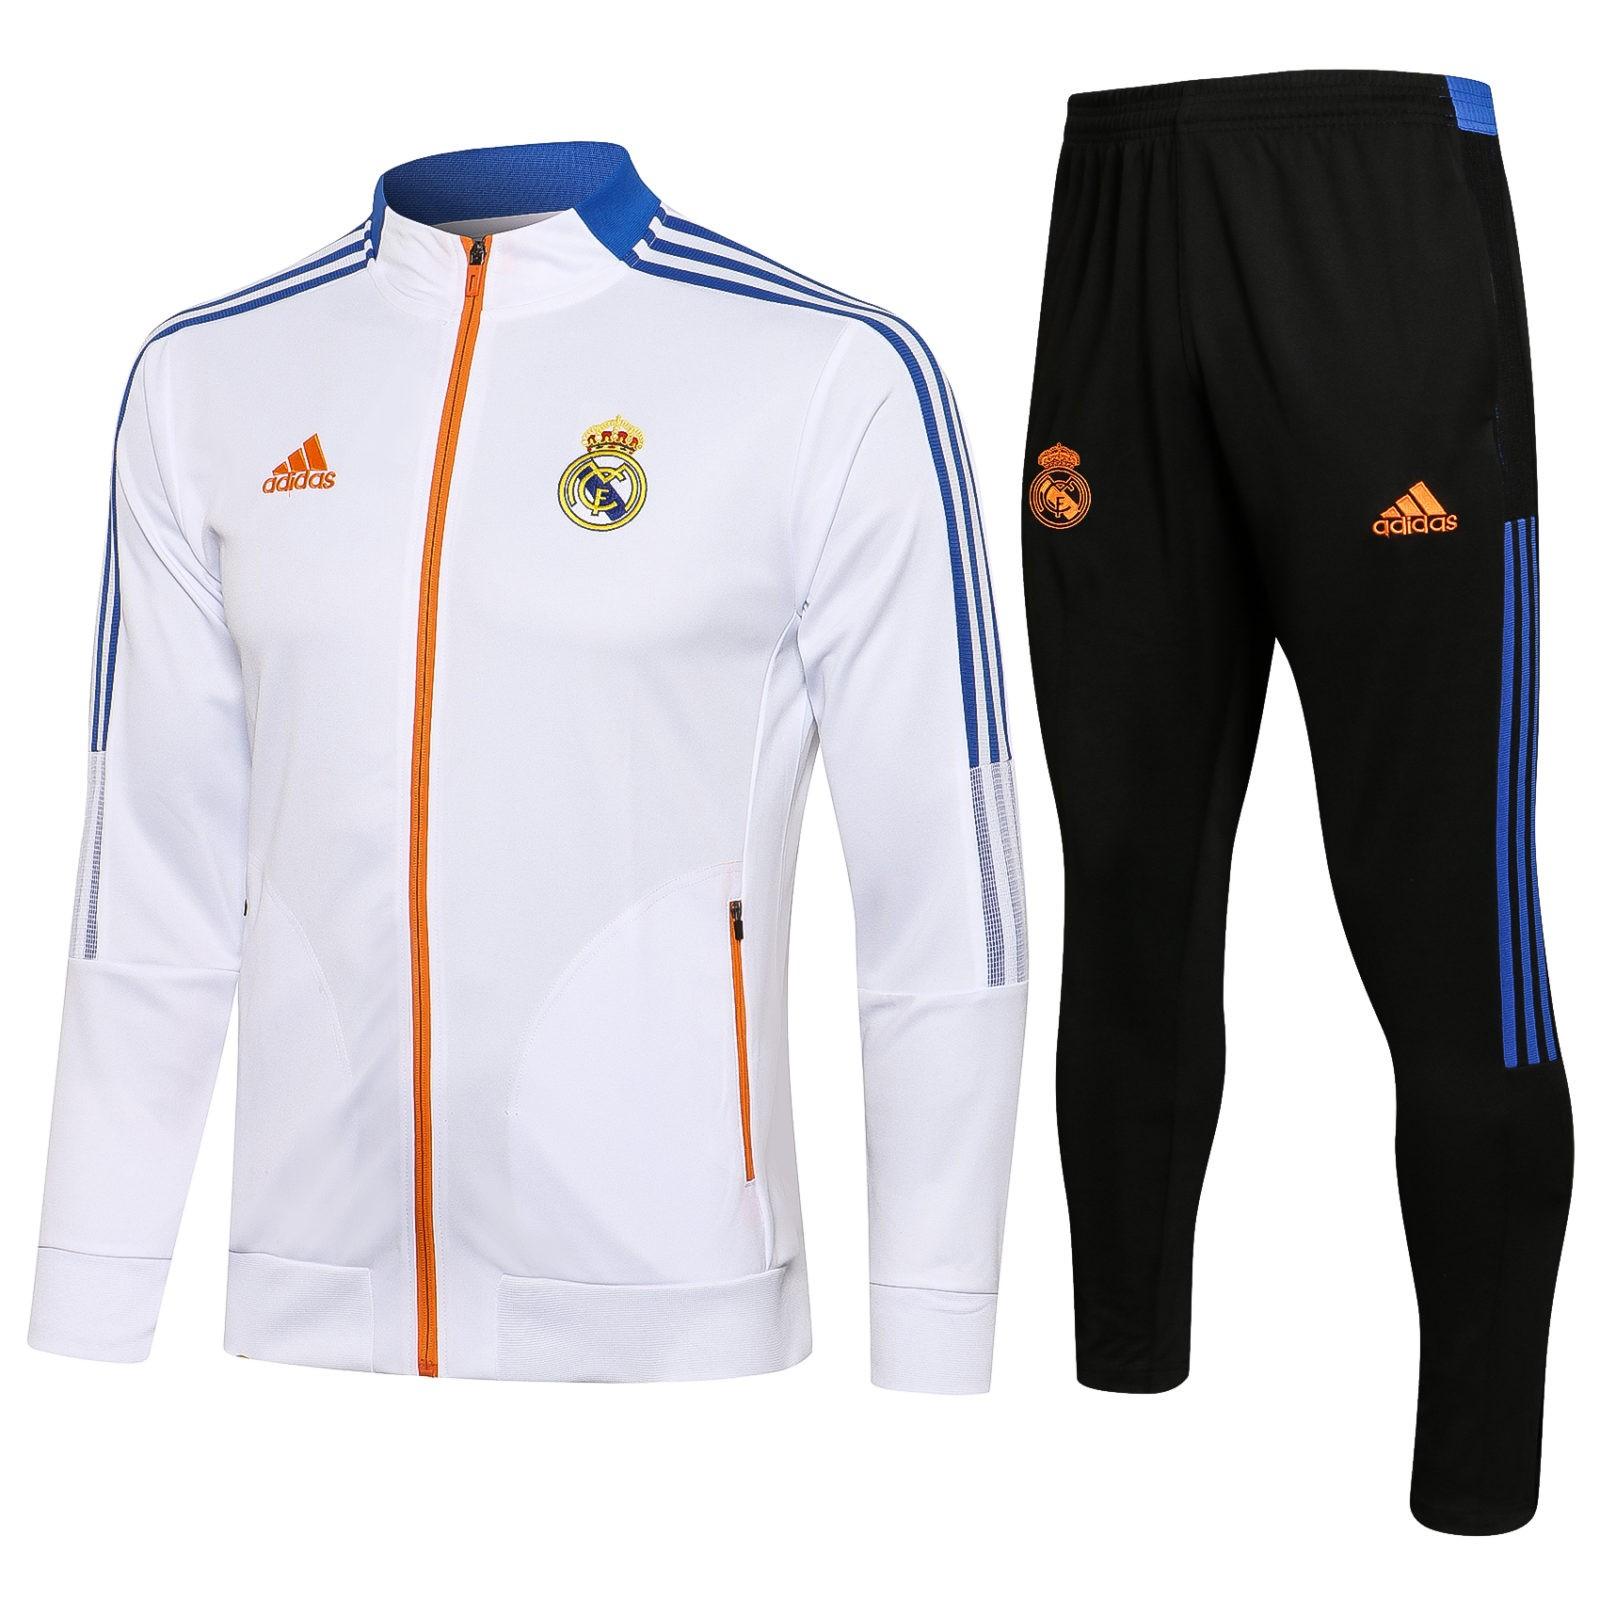 Спортивный костюм Реал Мадрид сезон 2021-2022 арт. 22000